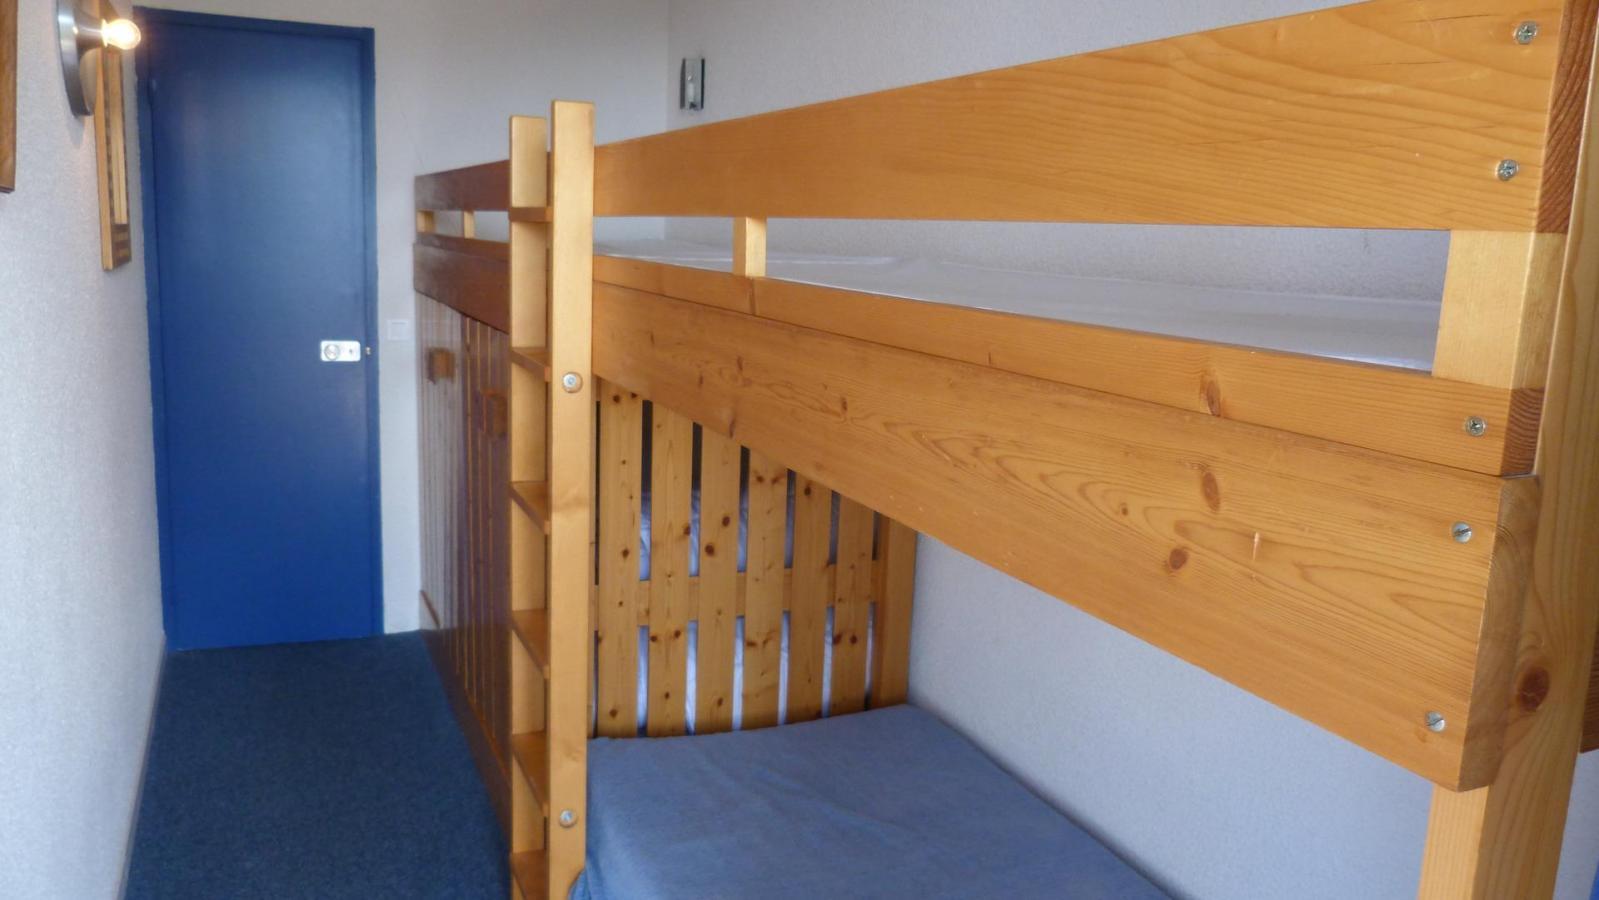 Location au ski Appartement 2 pièces 5 personnes (124) - Residence Les Tournavelles - Les Arcs - Extérieur hiver